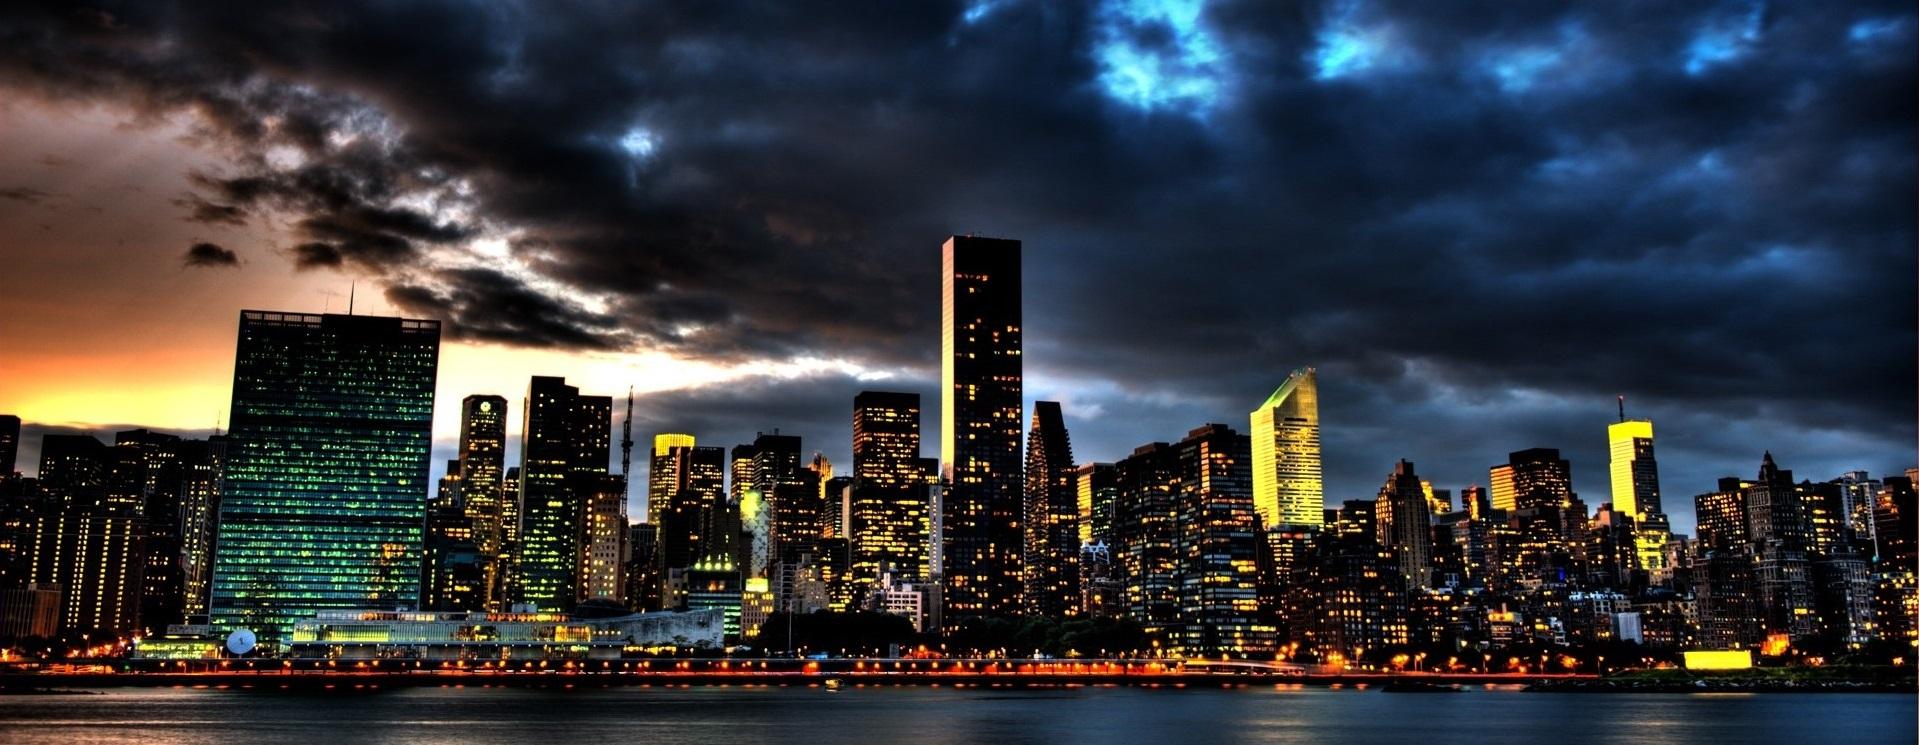 Musica a New York